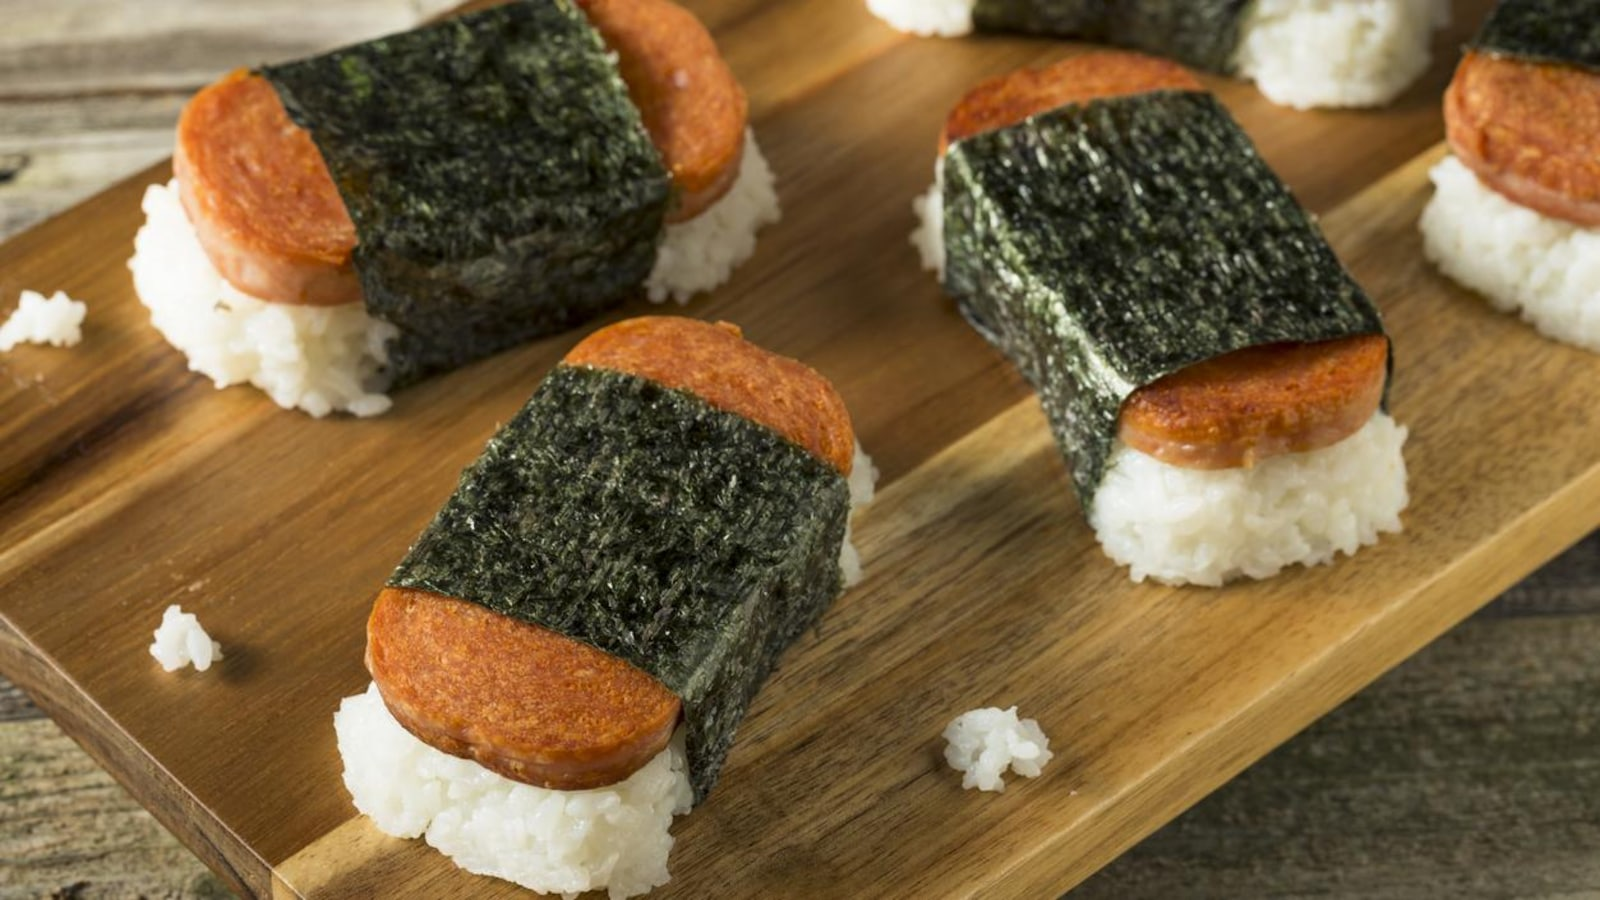 Quatre morceaux de musubi, un sushi fait avec du jambon en conserve Spam, sur une planche de bois.